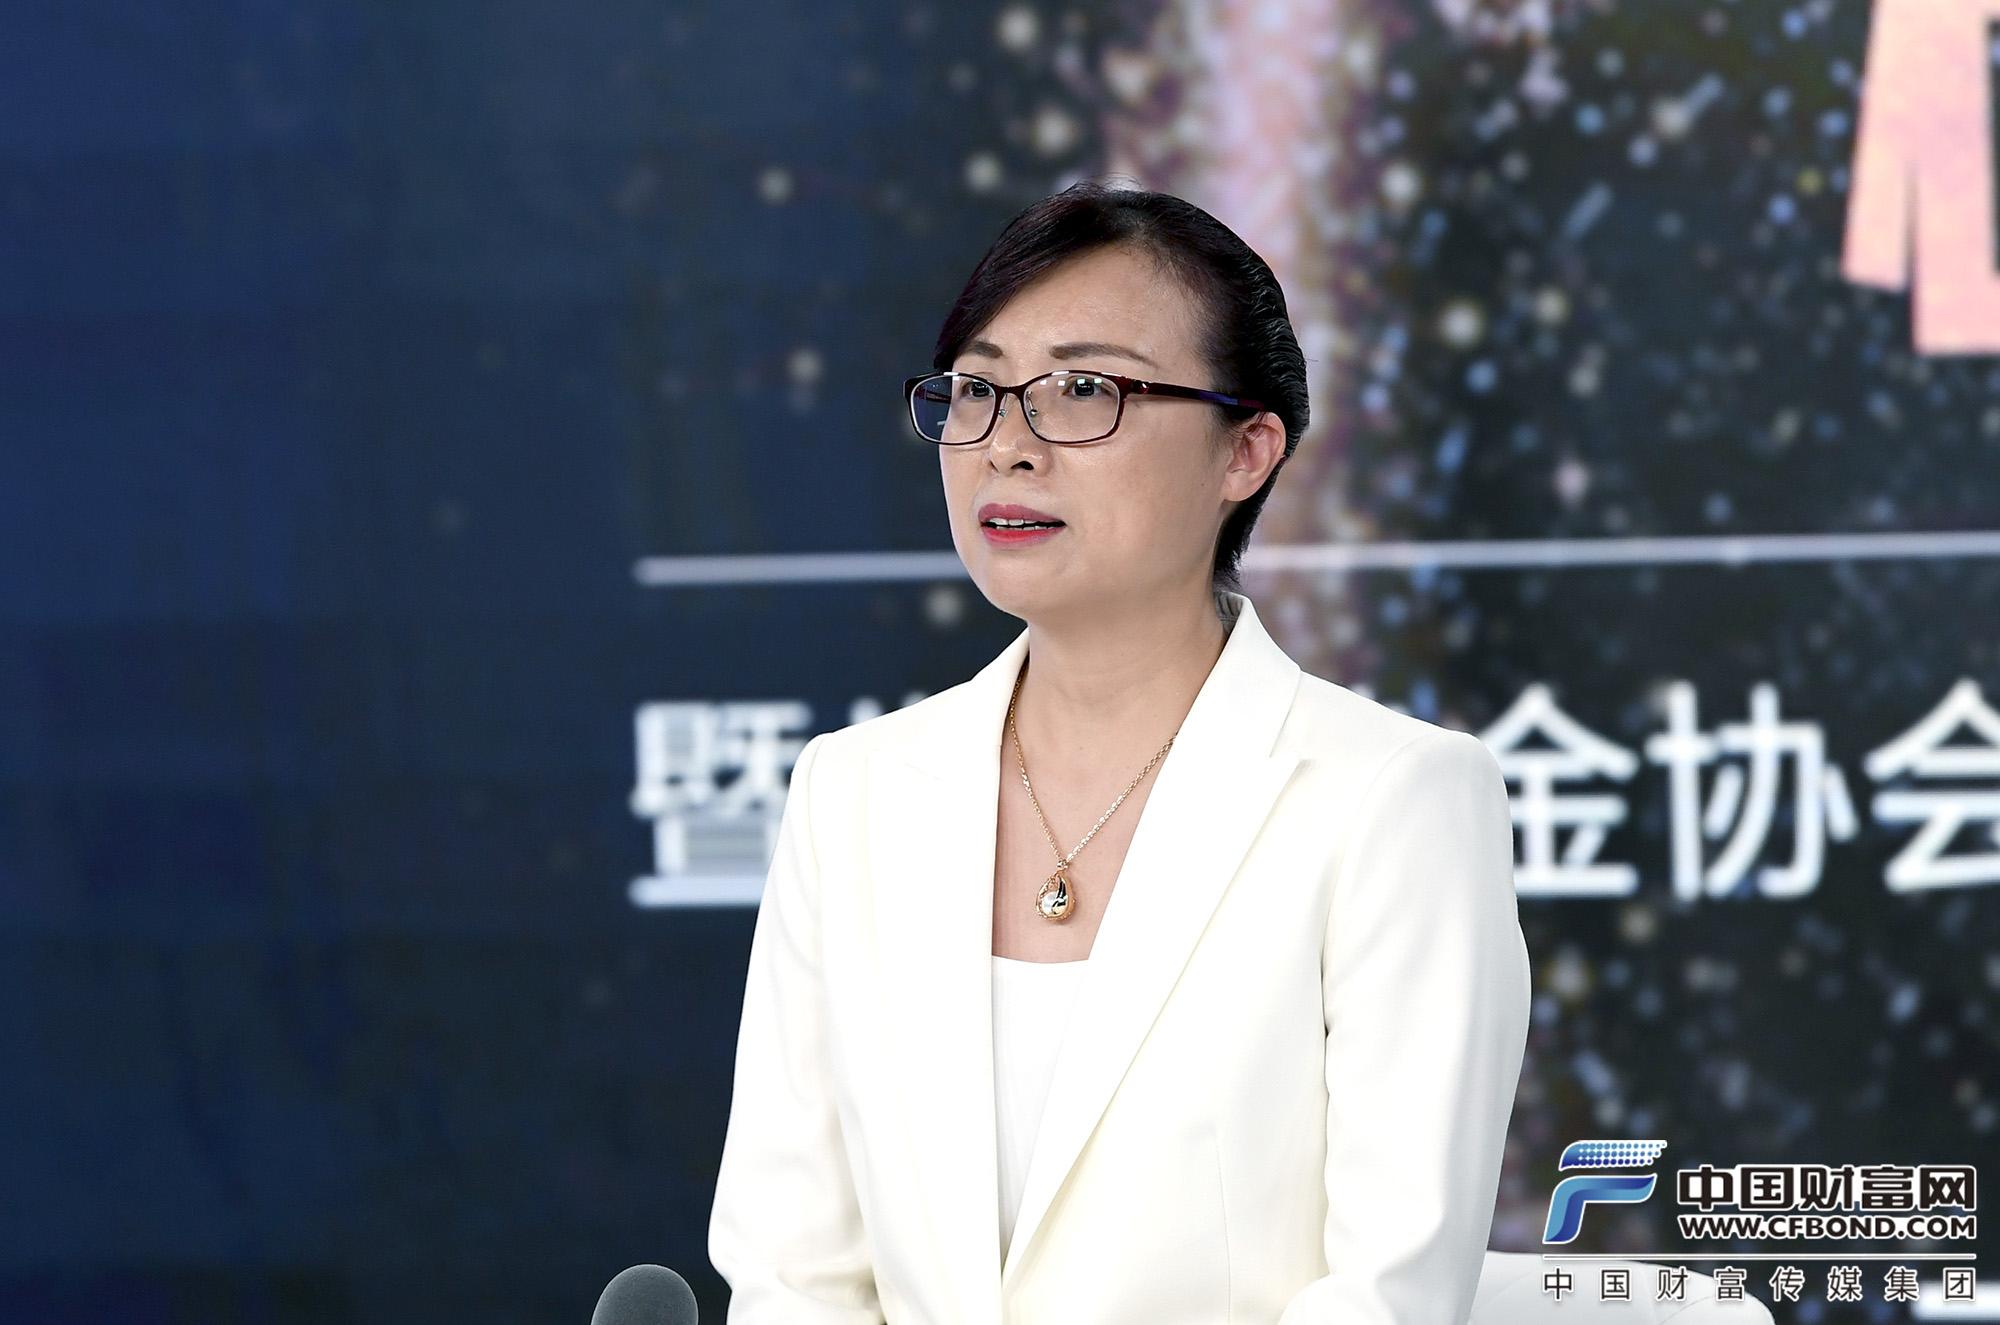 YLG集团中国区董事总经理 、高级黄金分析师 、黄金分析师大赛冠军黄诗韵